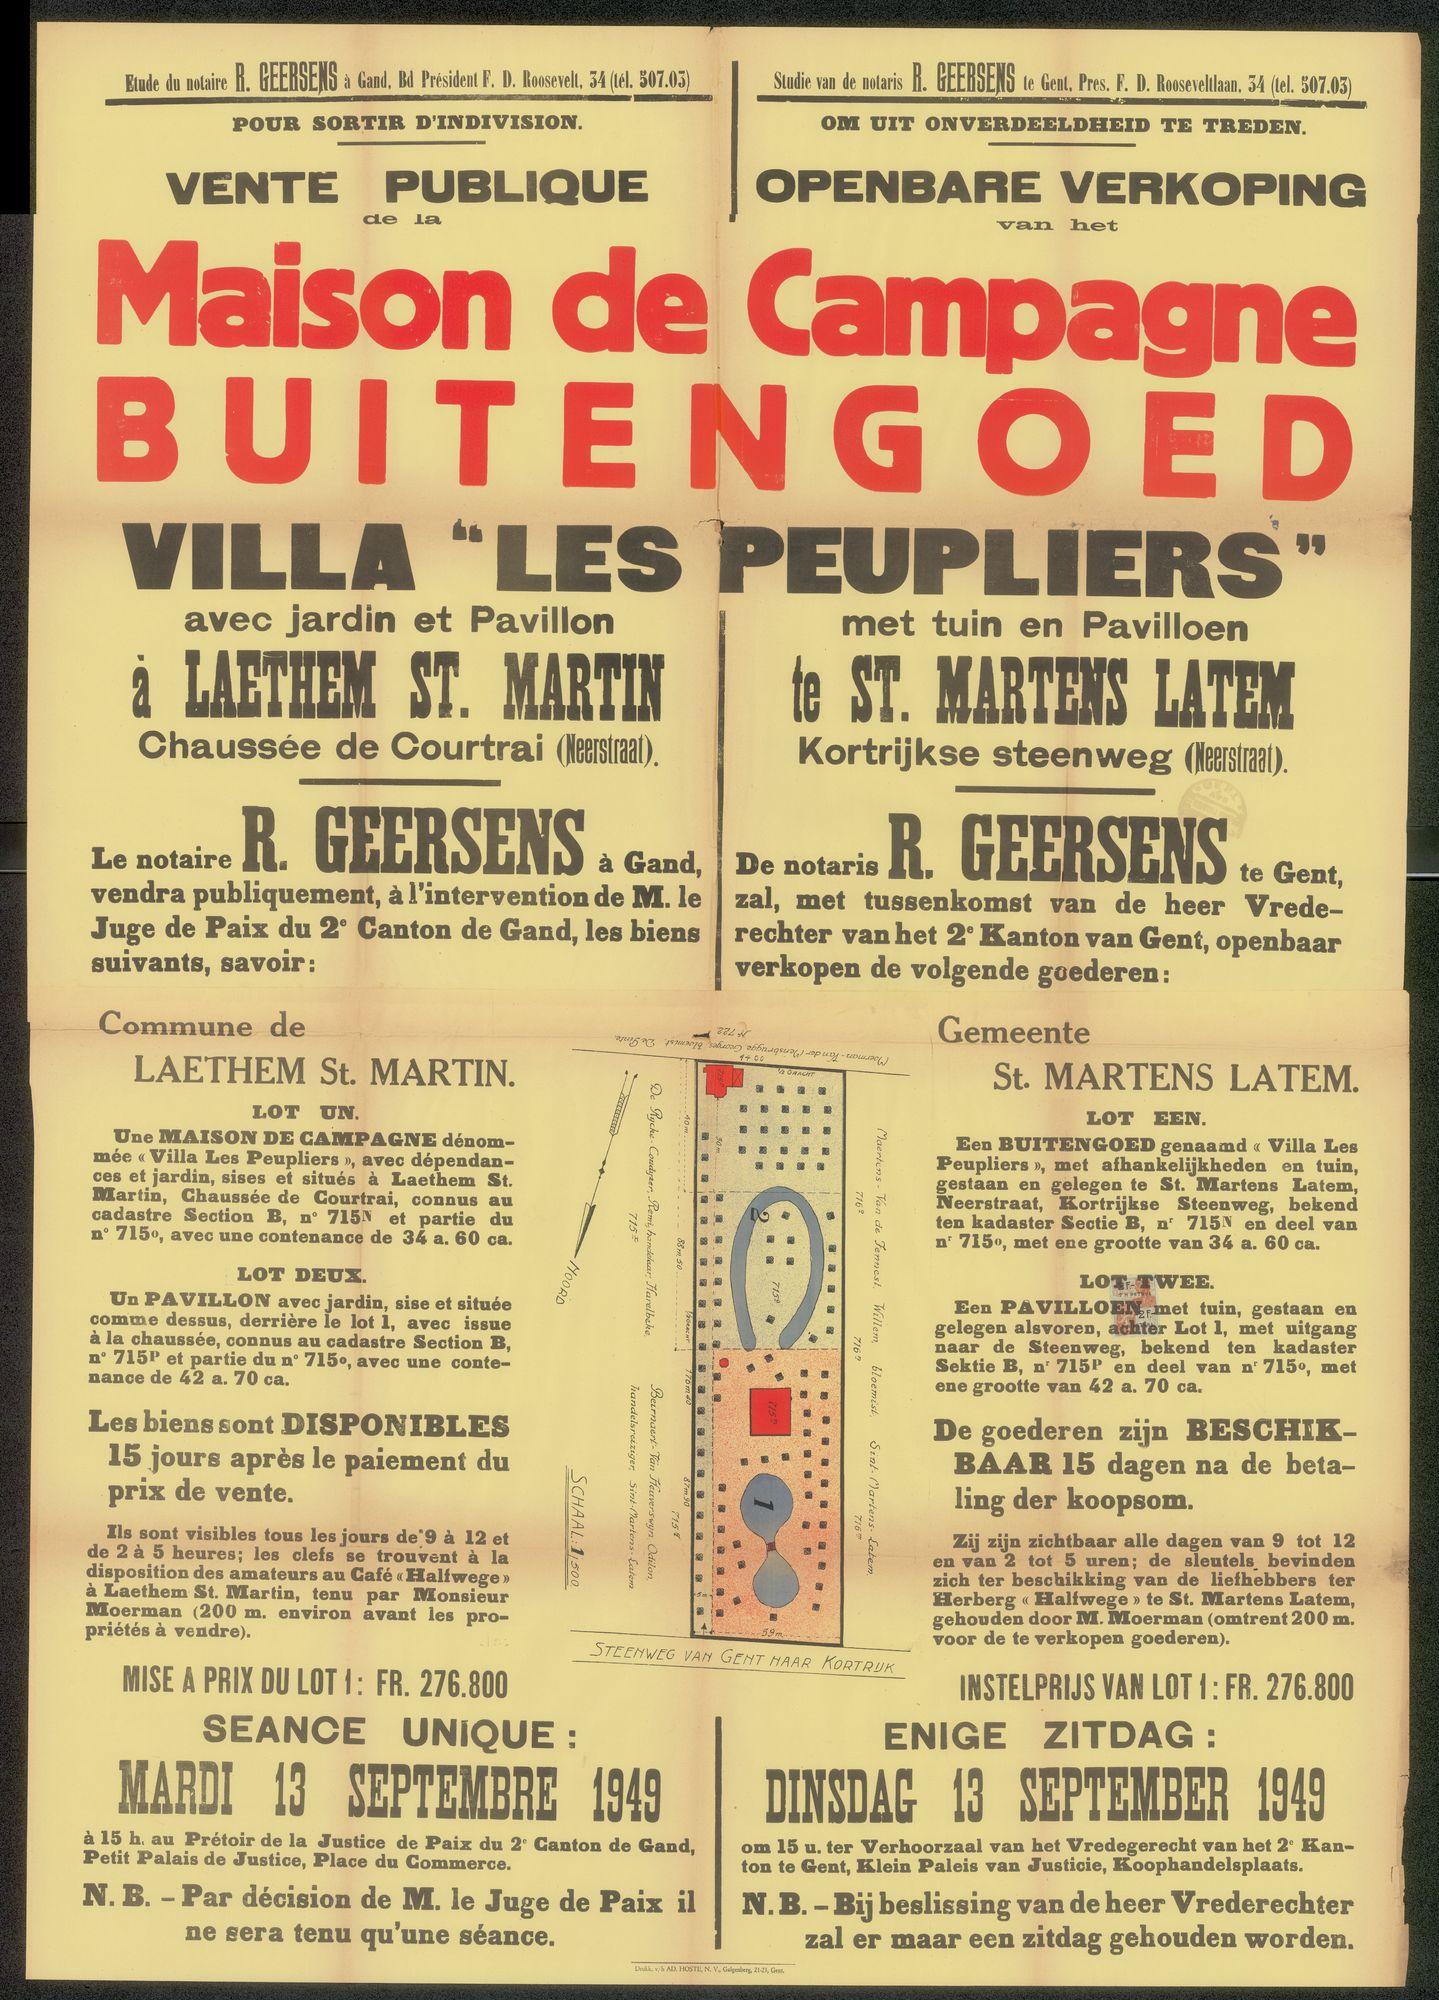 """Openbare verkoop van het  buitengoed, Villa """"Les Peupliers"""" met tuin en pavilloen te St. Martens Latem, Kortrijksesteenweg (Neerstraat), Gent, 13 september 1949"""